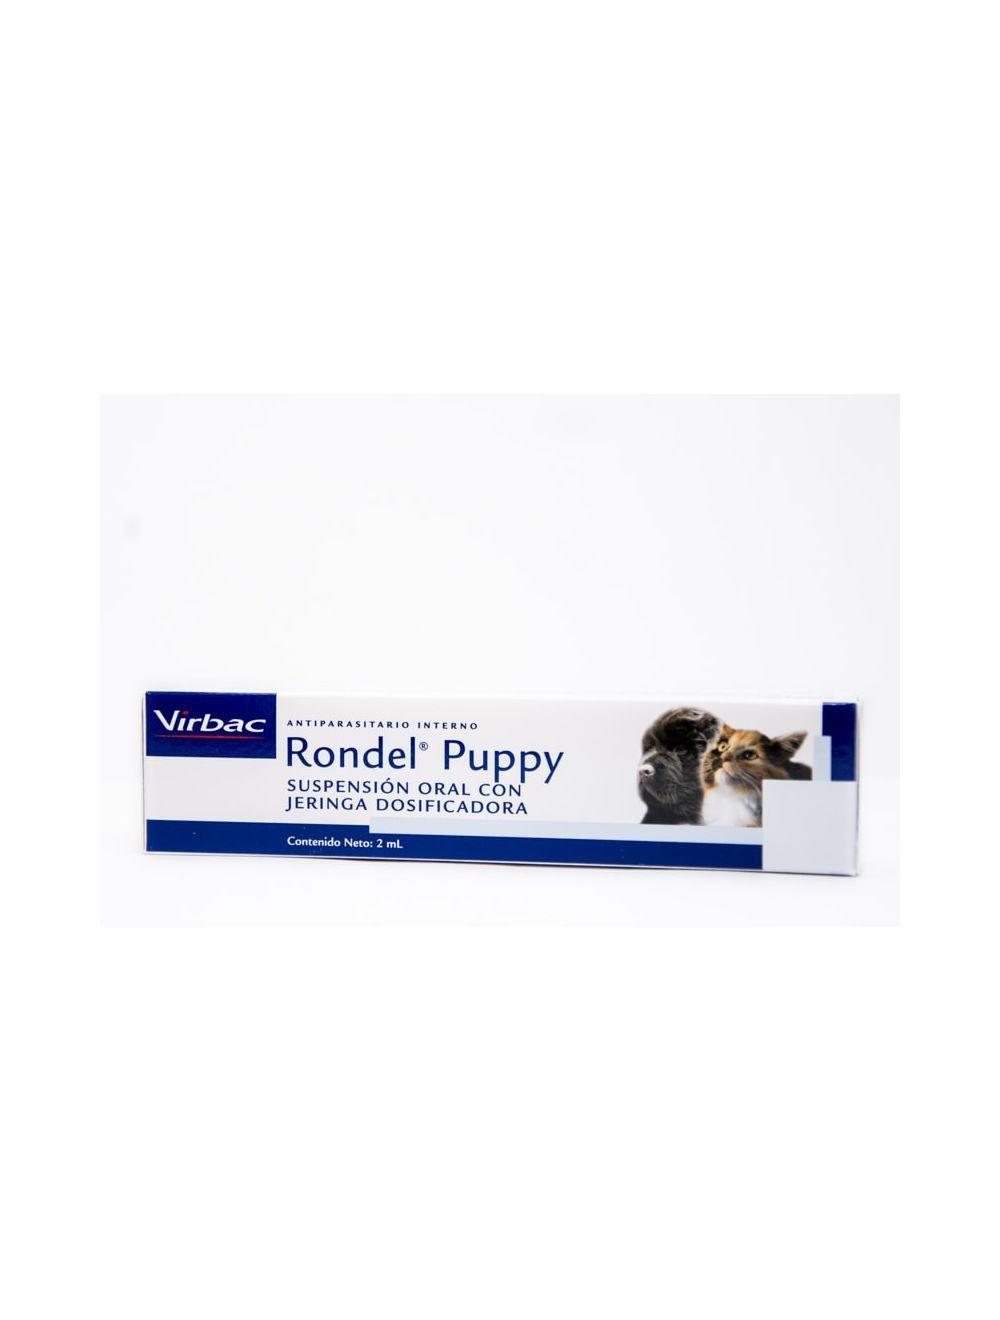 Antiparasitario Rondel Puppy - Ciudaddemascotas.com